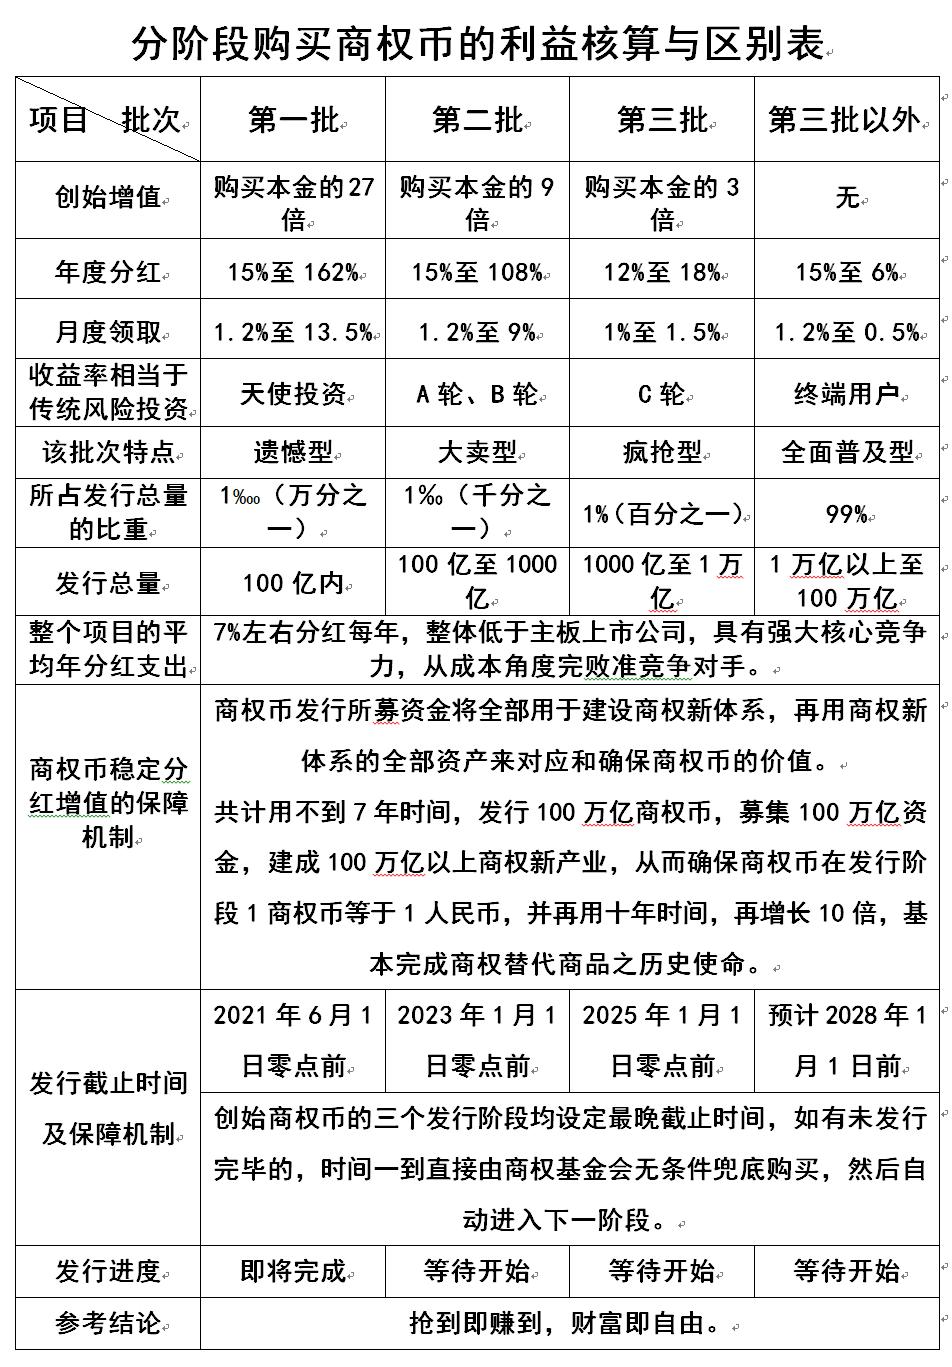 分批购买利益区别表.png